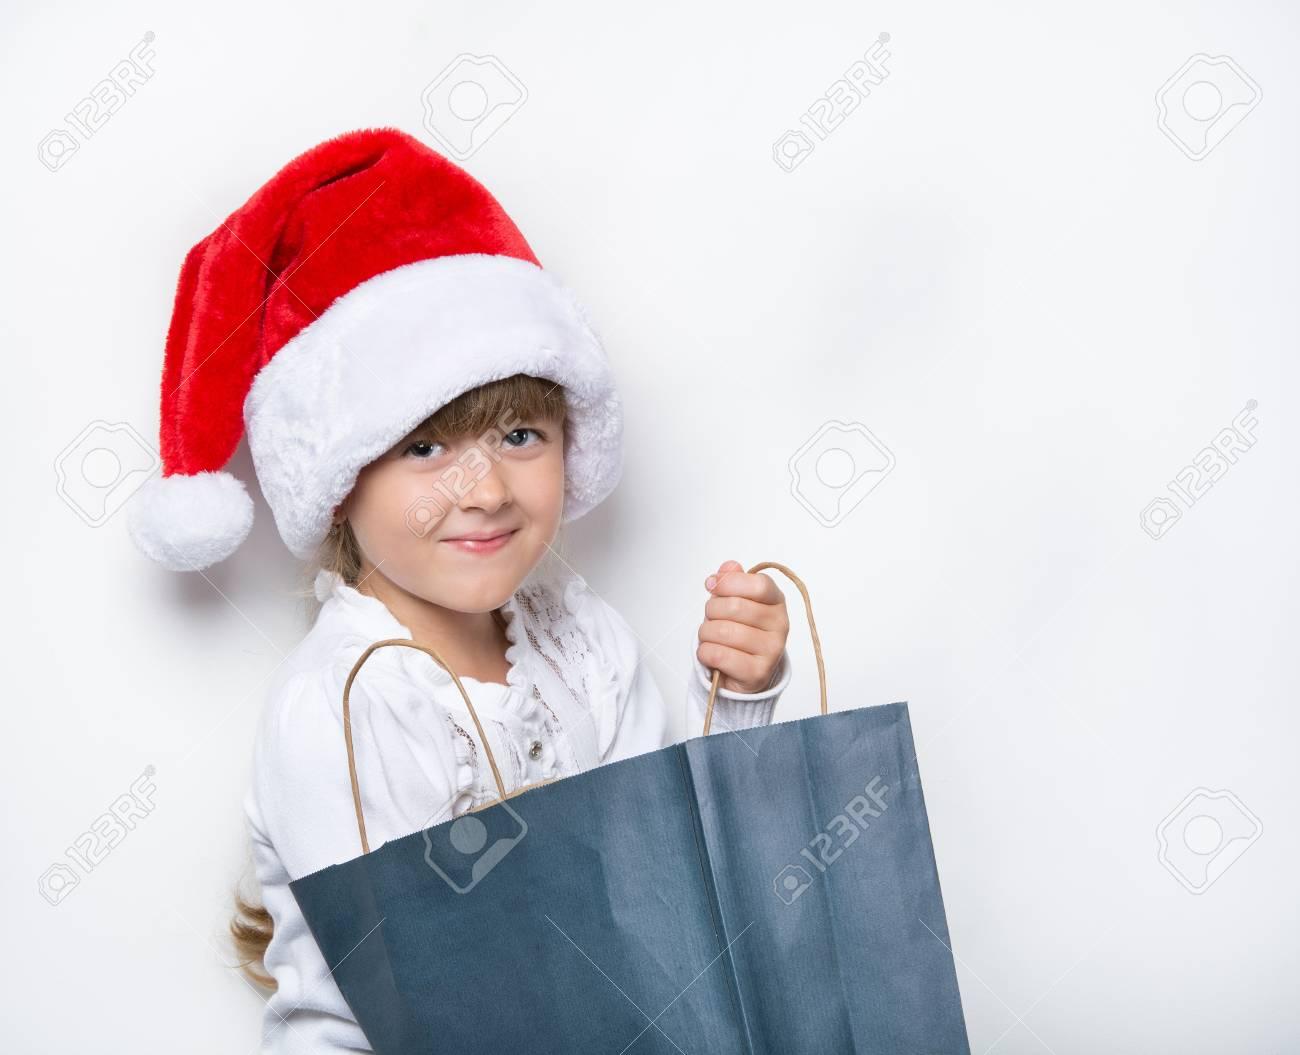 Junge Mädchen Für Die Geschenke Im Paket Suchen Lizenzfreie Fotos ...